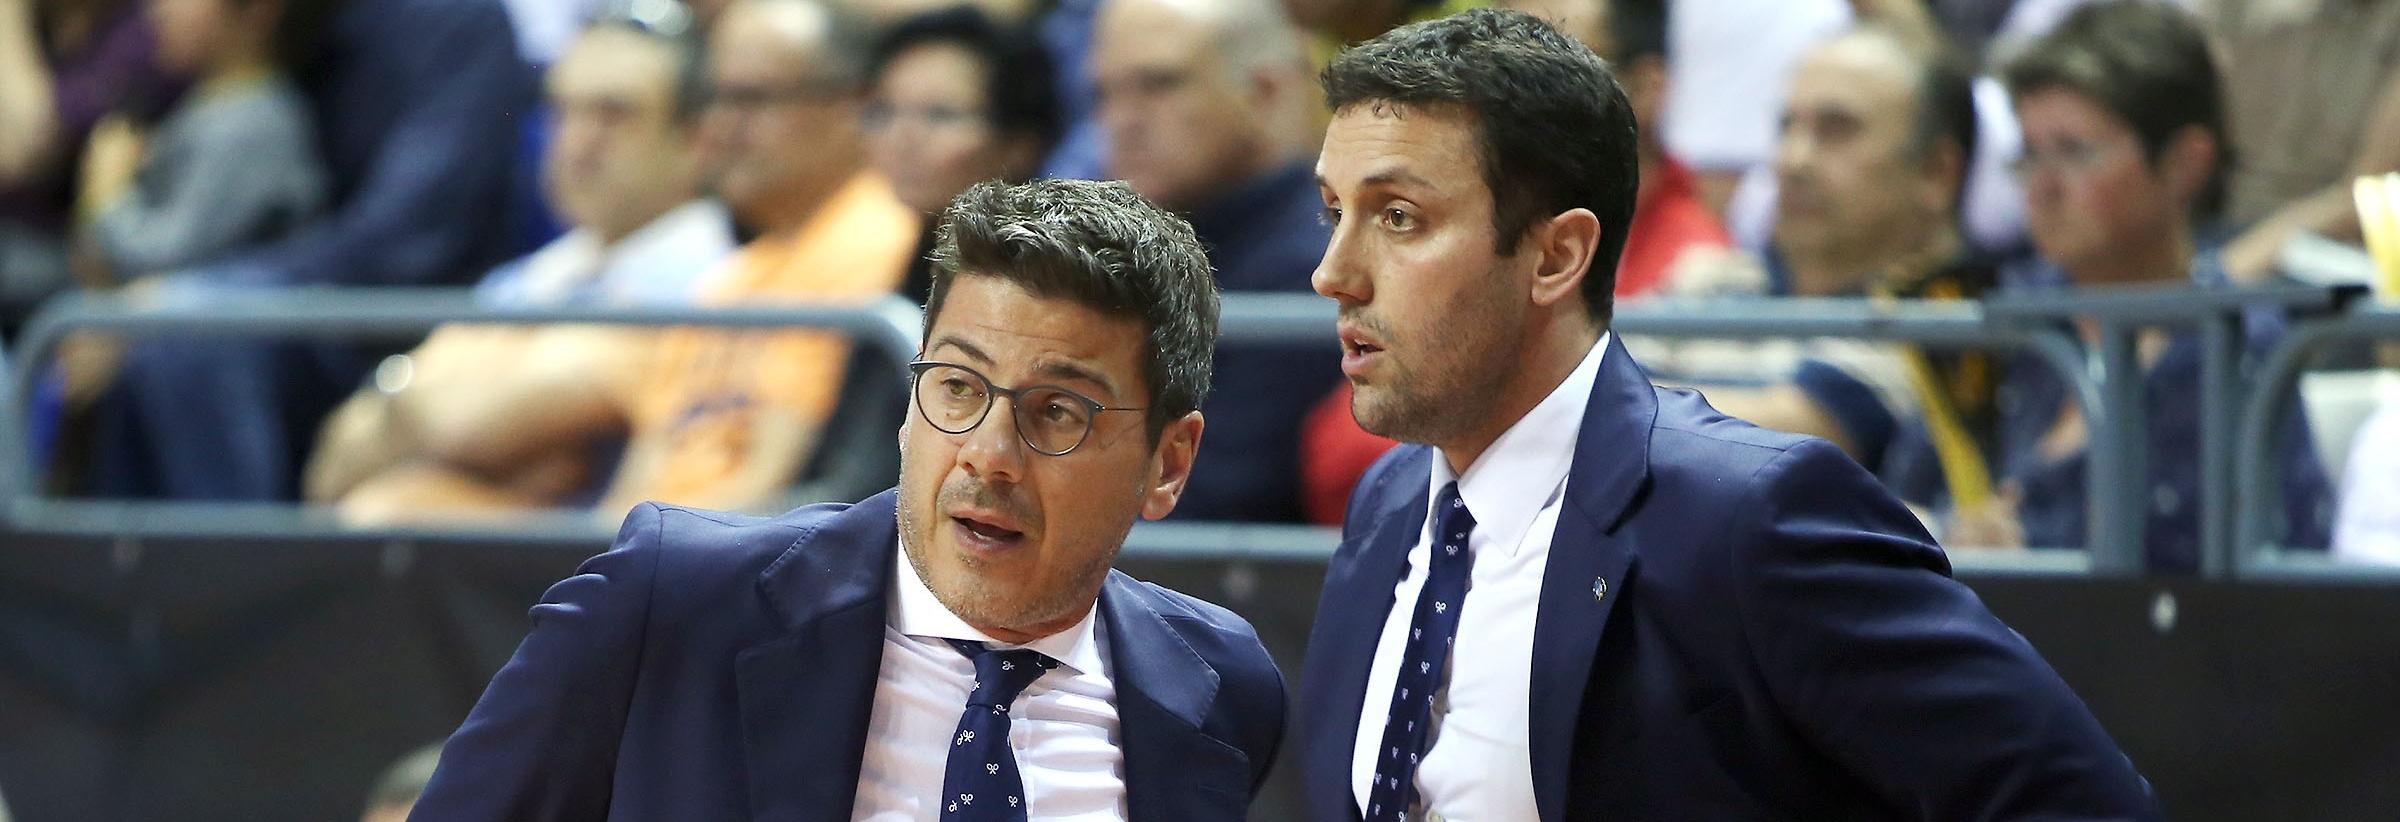 Katsikaris: «Puede ser partido trampa. Nos jugamos mucho y ellos nada. Cuarenta minutos para cumplir el objetivo»